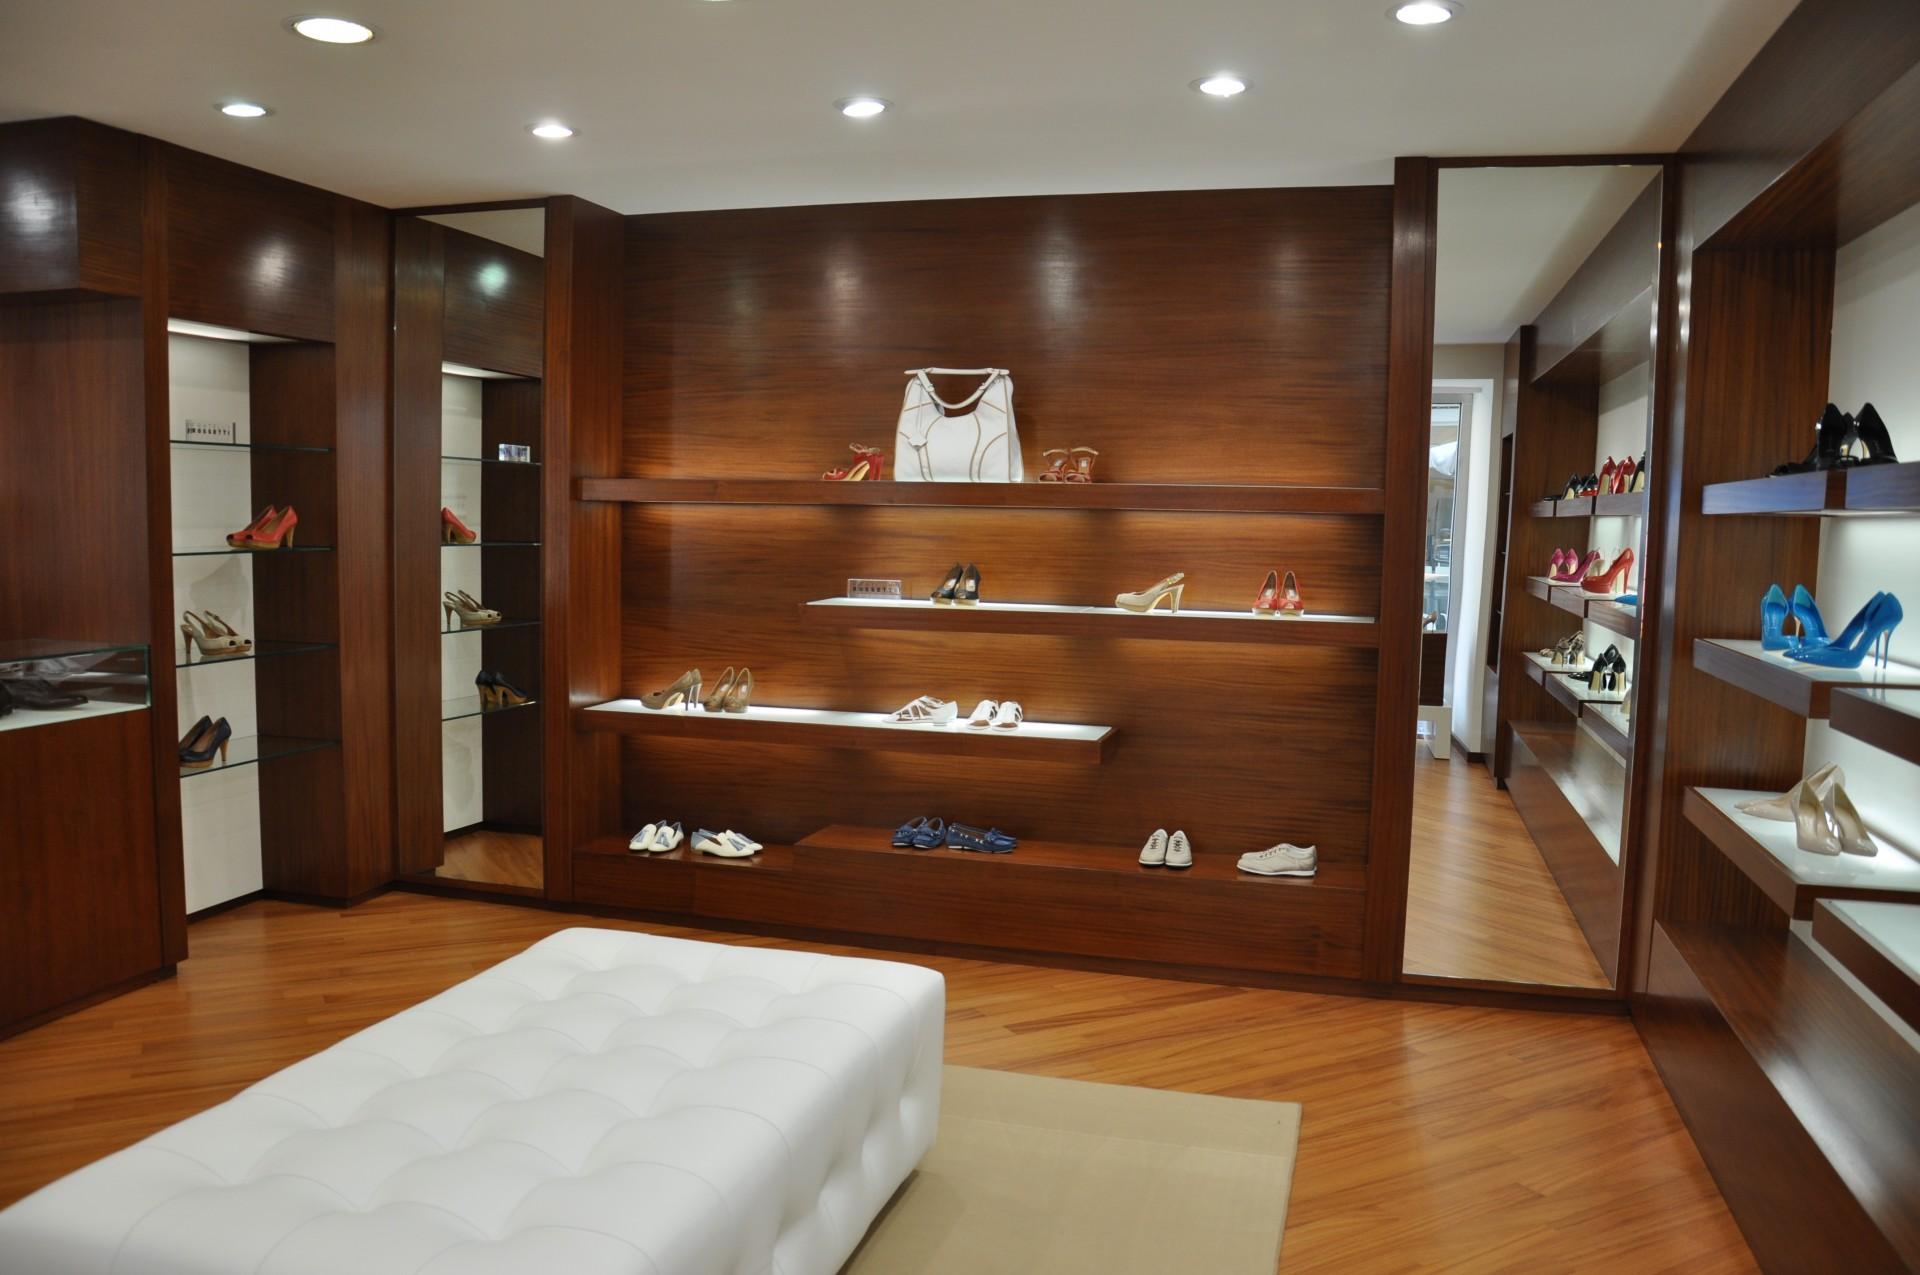 Arredamento per negozio in legno. | Fadini Mobili Cerea Verona